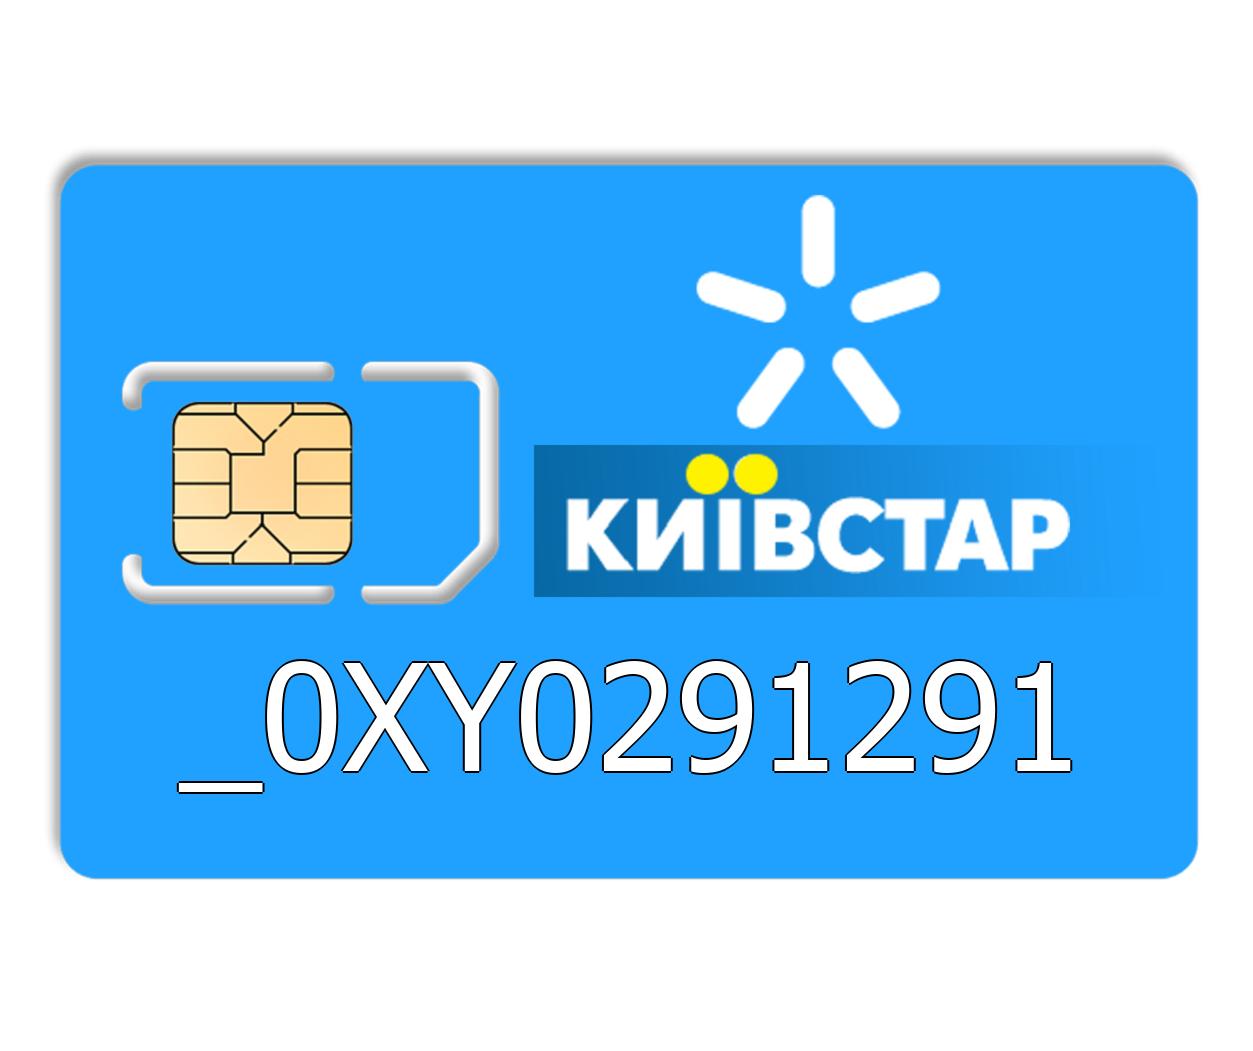 Красивый номер Киевстар 0XY 0 291 291